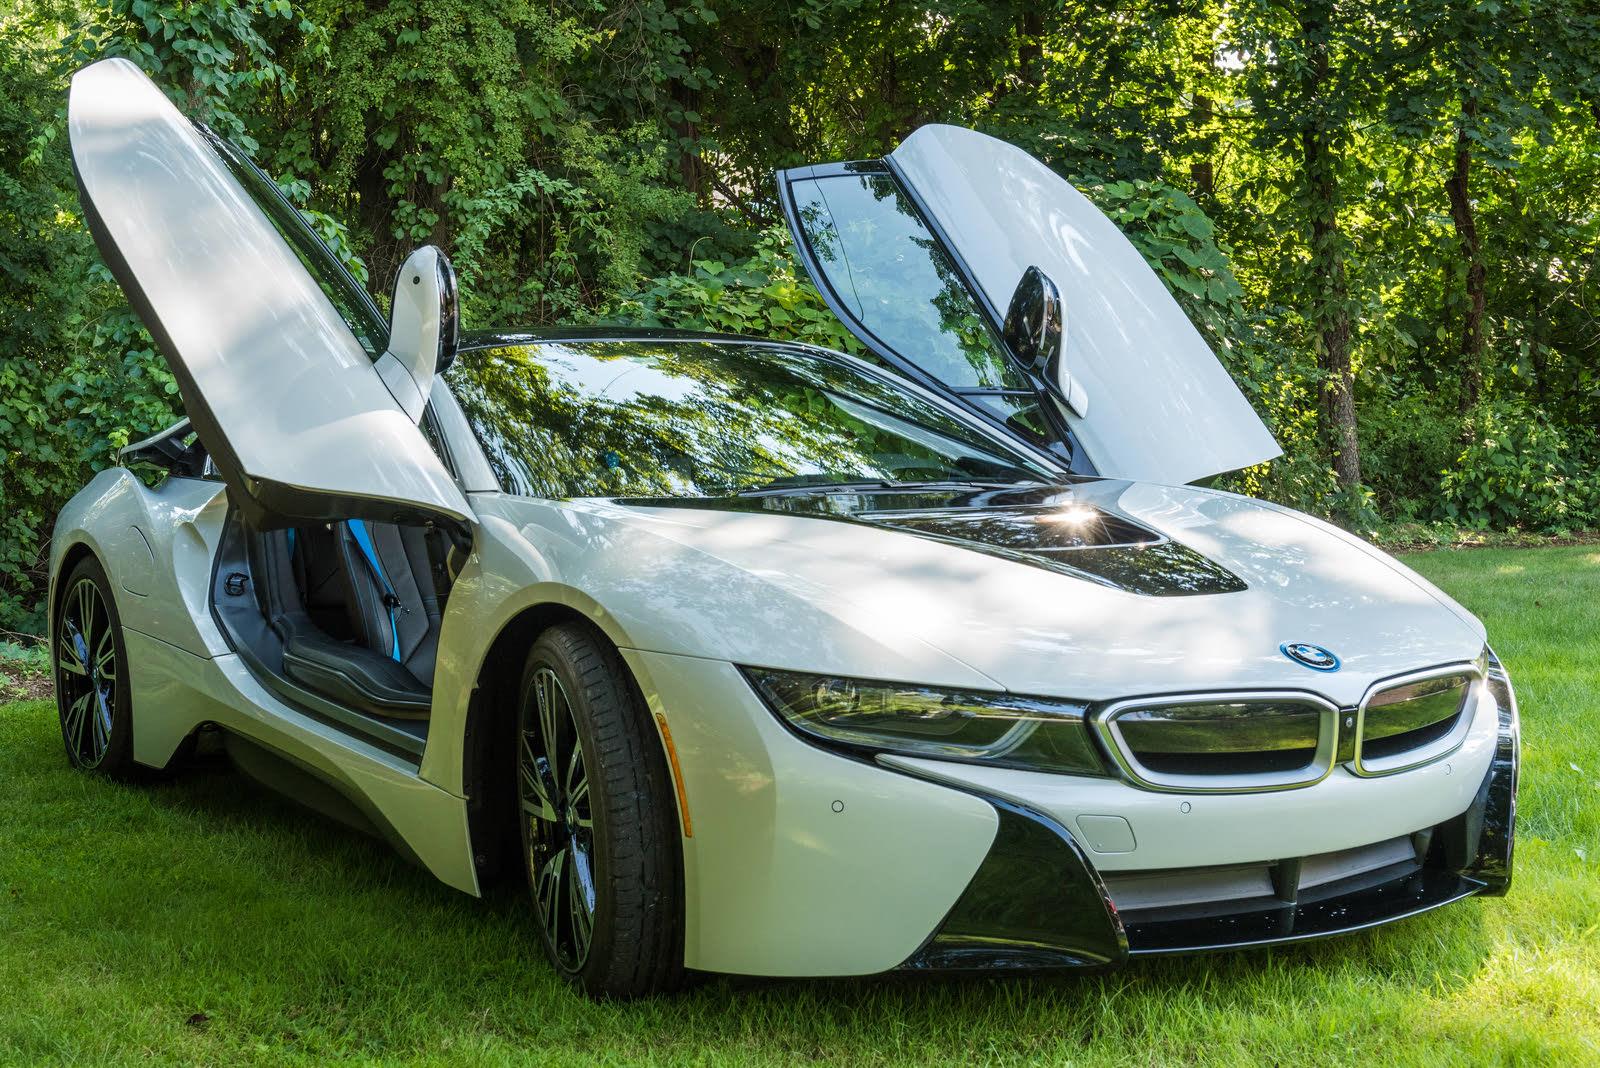 Auto Trade Corp - Nanuet, NY: Read Consumer reviews ...